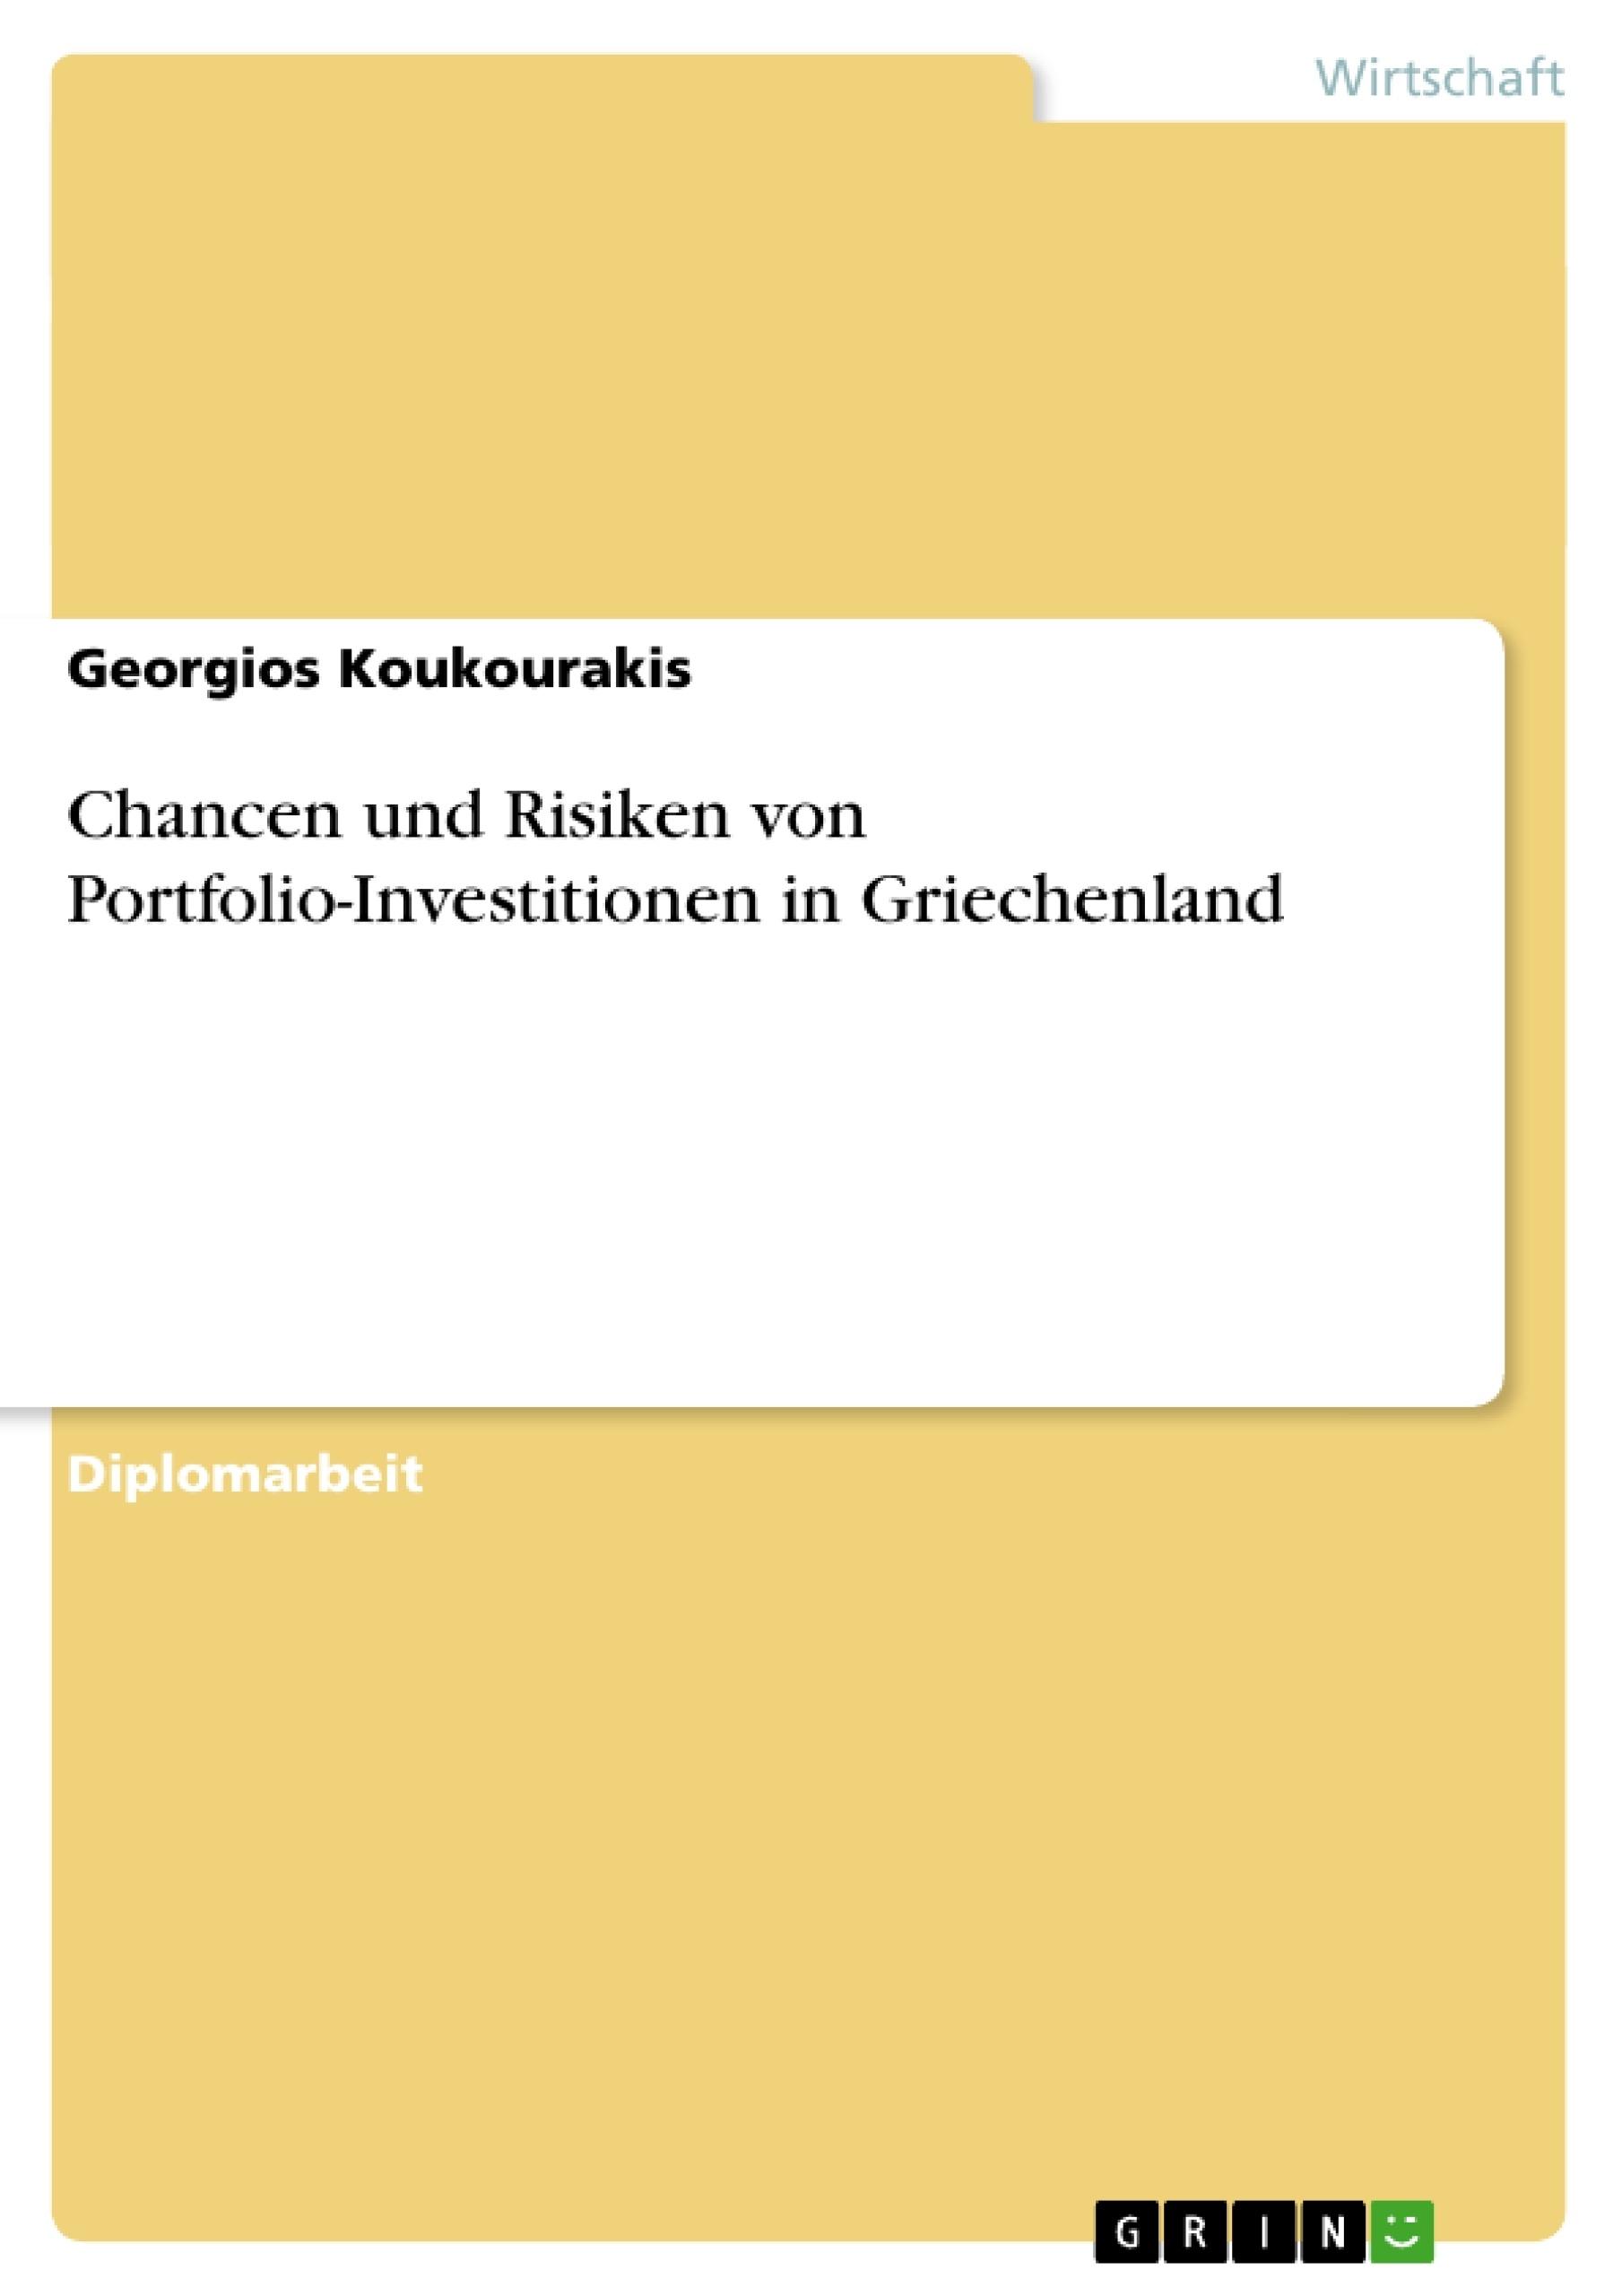 Titel: Chancen und Risiken von Portfolio-Investitionen in Griechenland